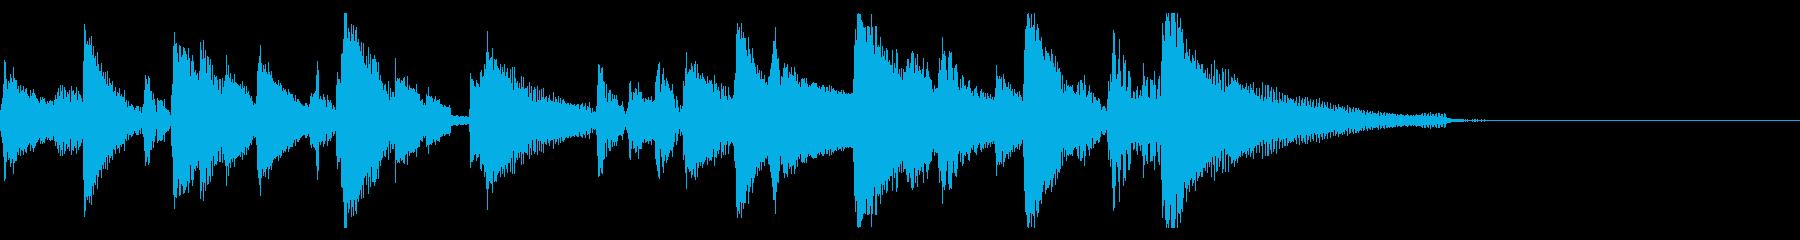 おしゃれなジャズ ピアノ ジングル 02の再生済みの波形